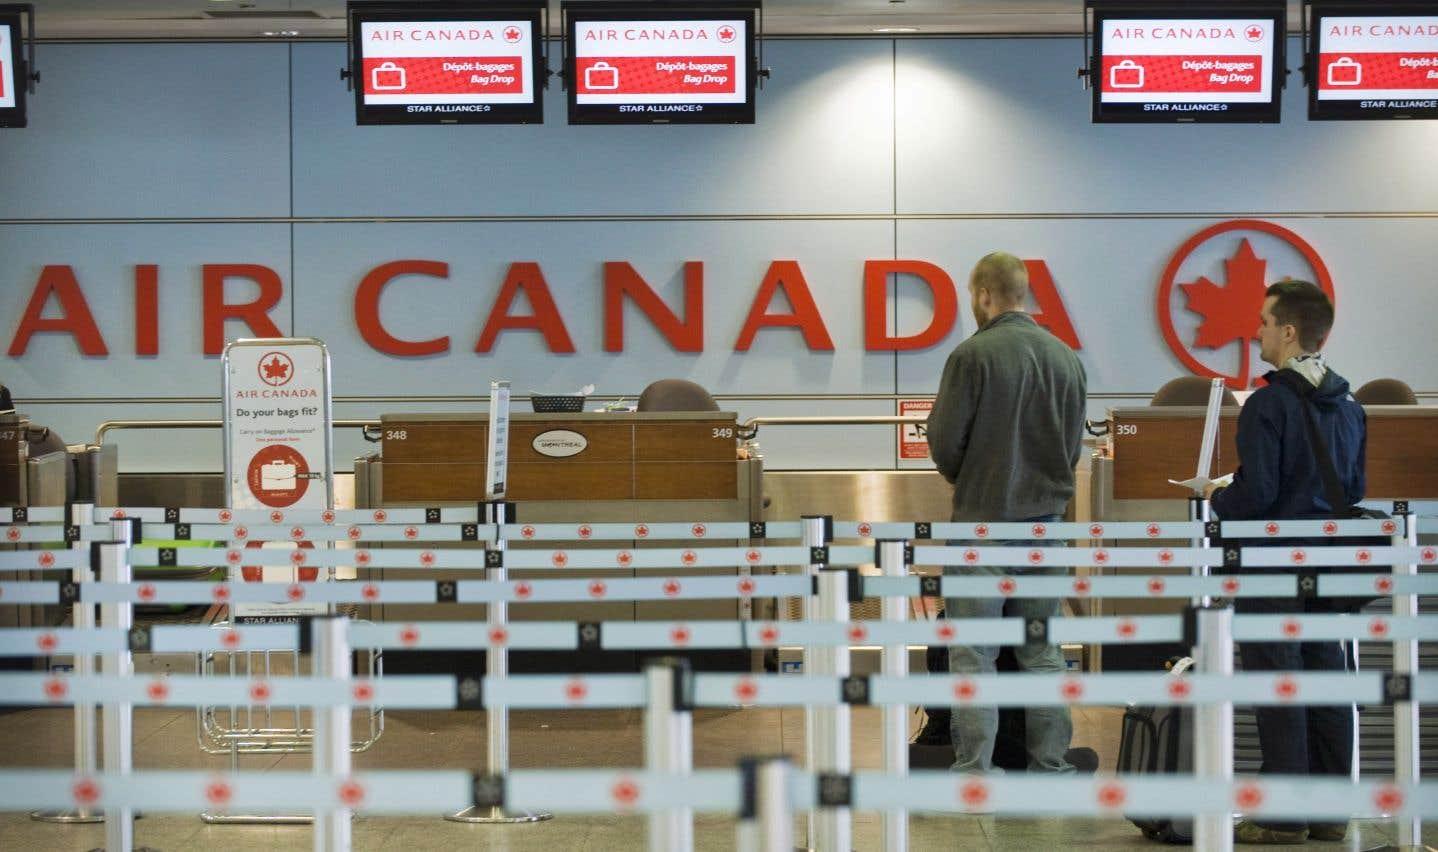 Air Canada propose actuellement à ses clients des vols à code multiple exploités par Air China entre Pékin et six villes régionales chinoises, ainsi que sur les lignes Montréal-Pékin et Vancouver-Pékin.